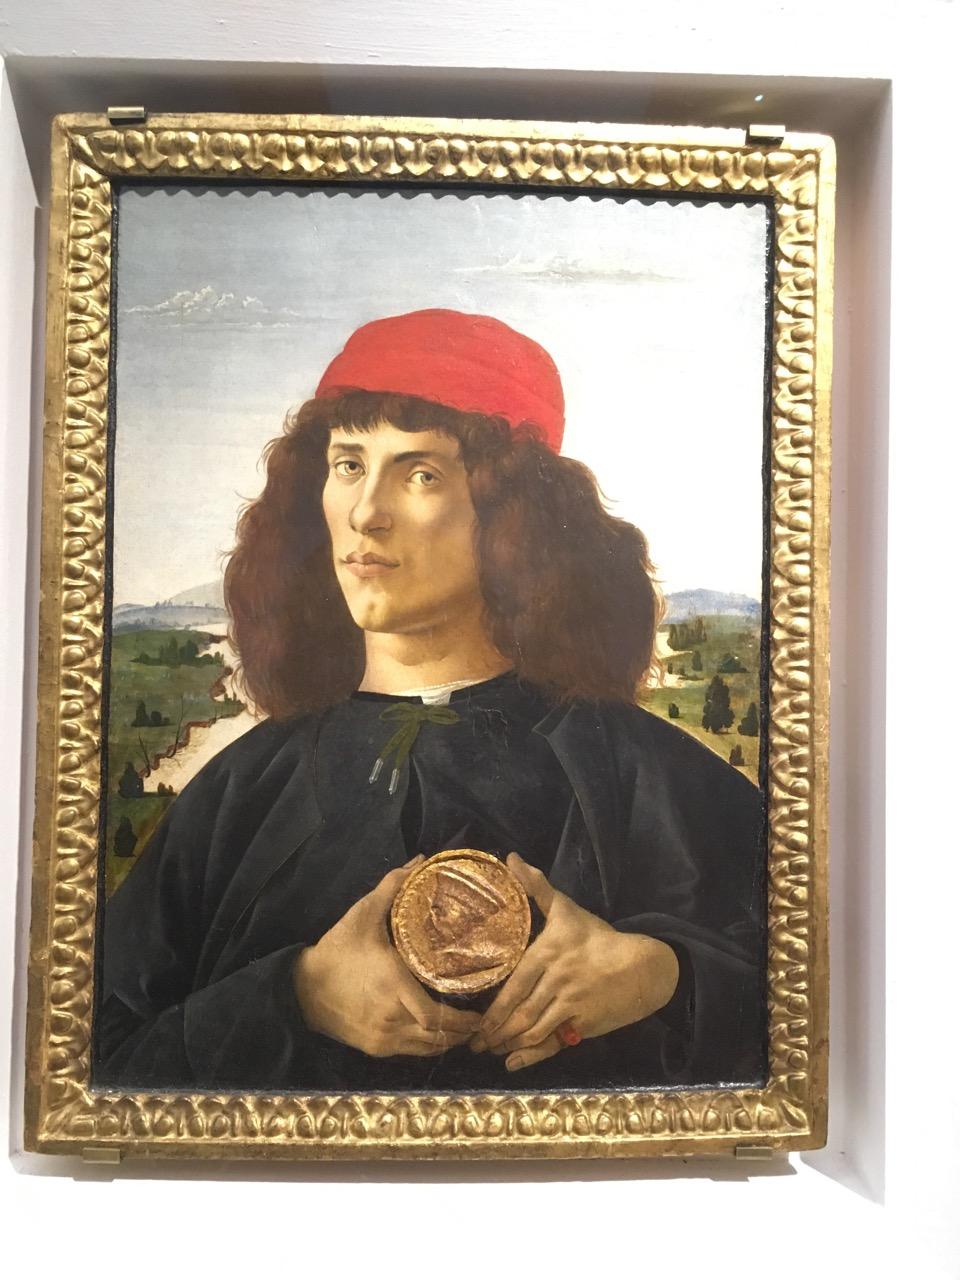 桑德罗·波提切利的《手持老科西莫勋章的男子肖像》,1475